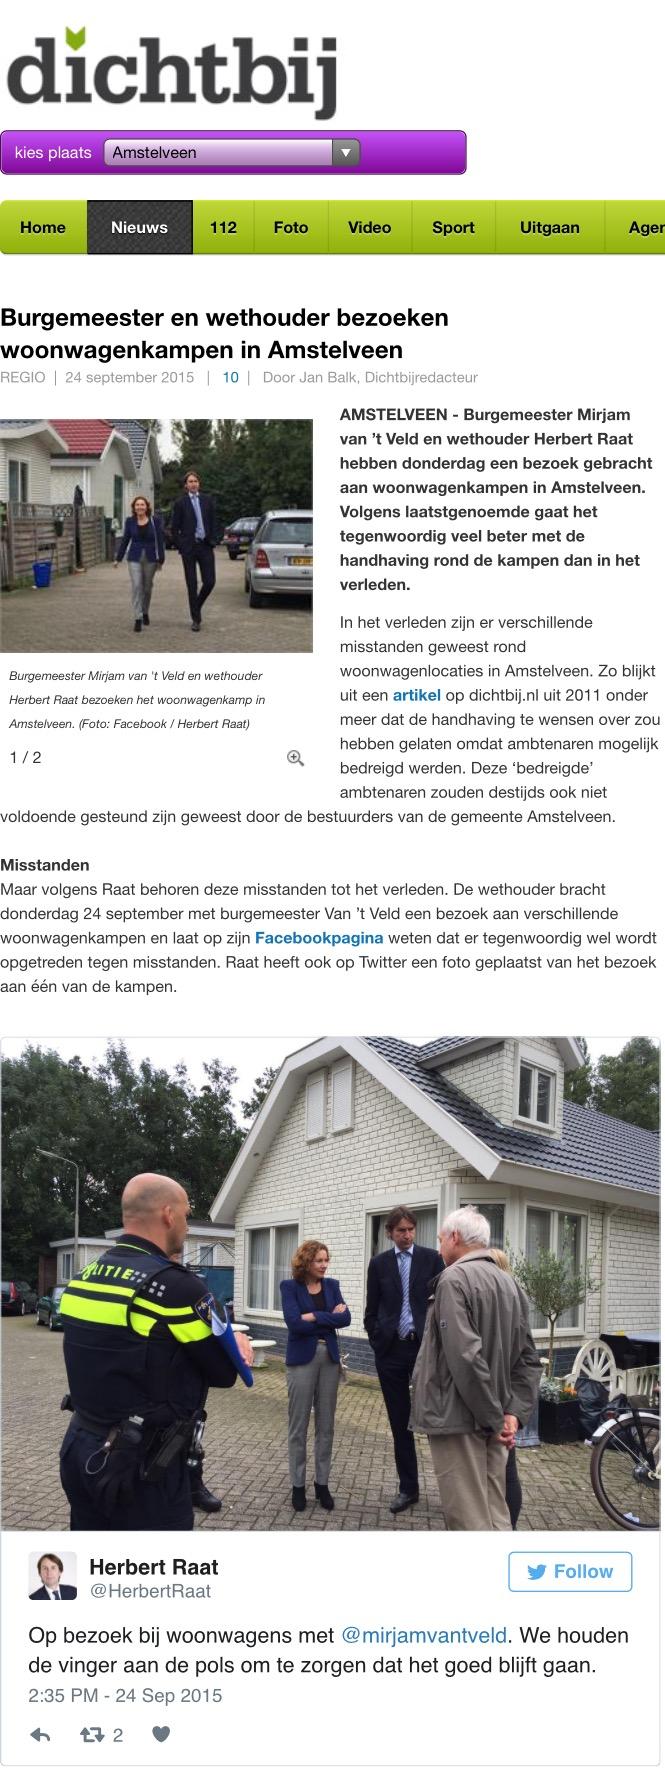 2015-24-9; Amstelveendichtbij: Bezoek burgemeester en wethouder Herbert Raat aan woonwagenkampen